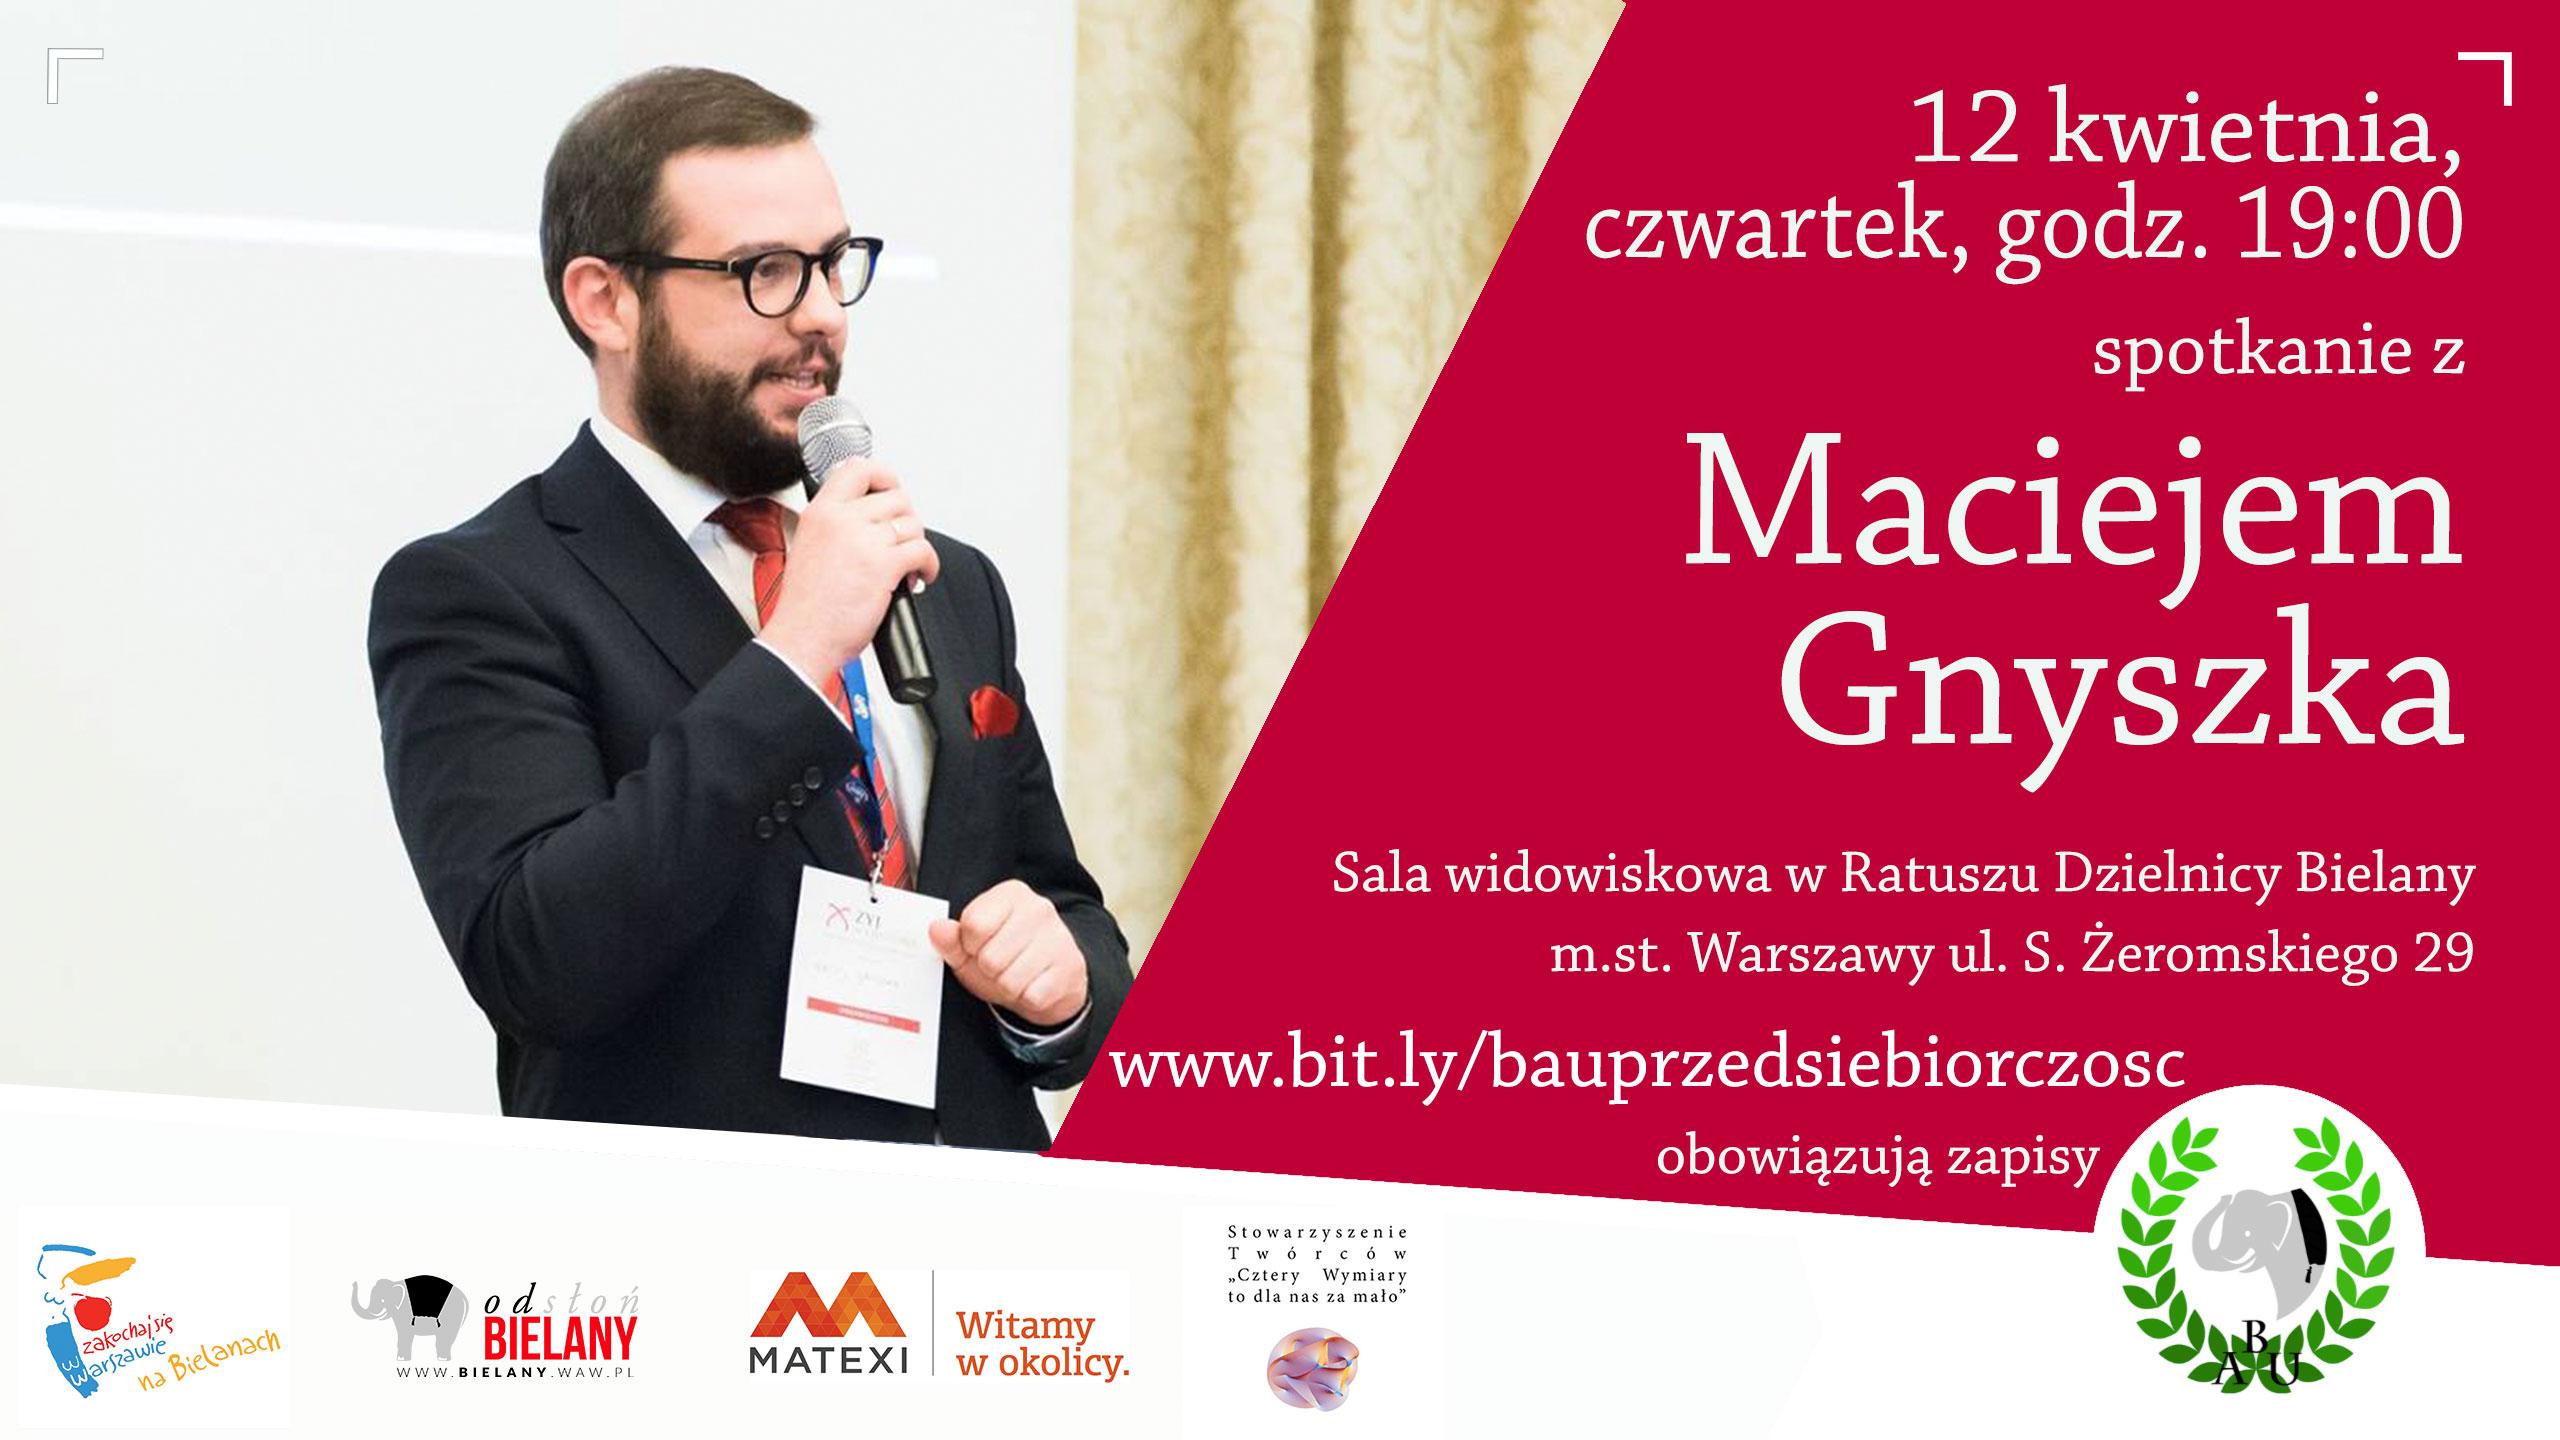 12 kwietnia, czwartek Spotkanie z Maciejem Gnyszka